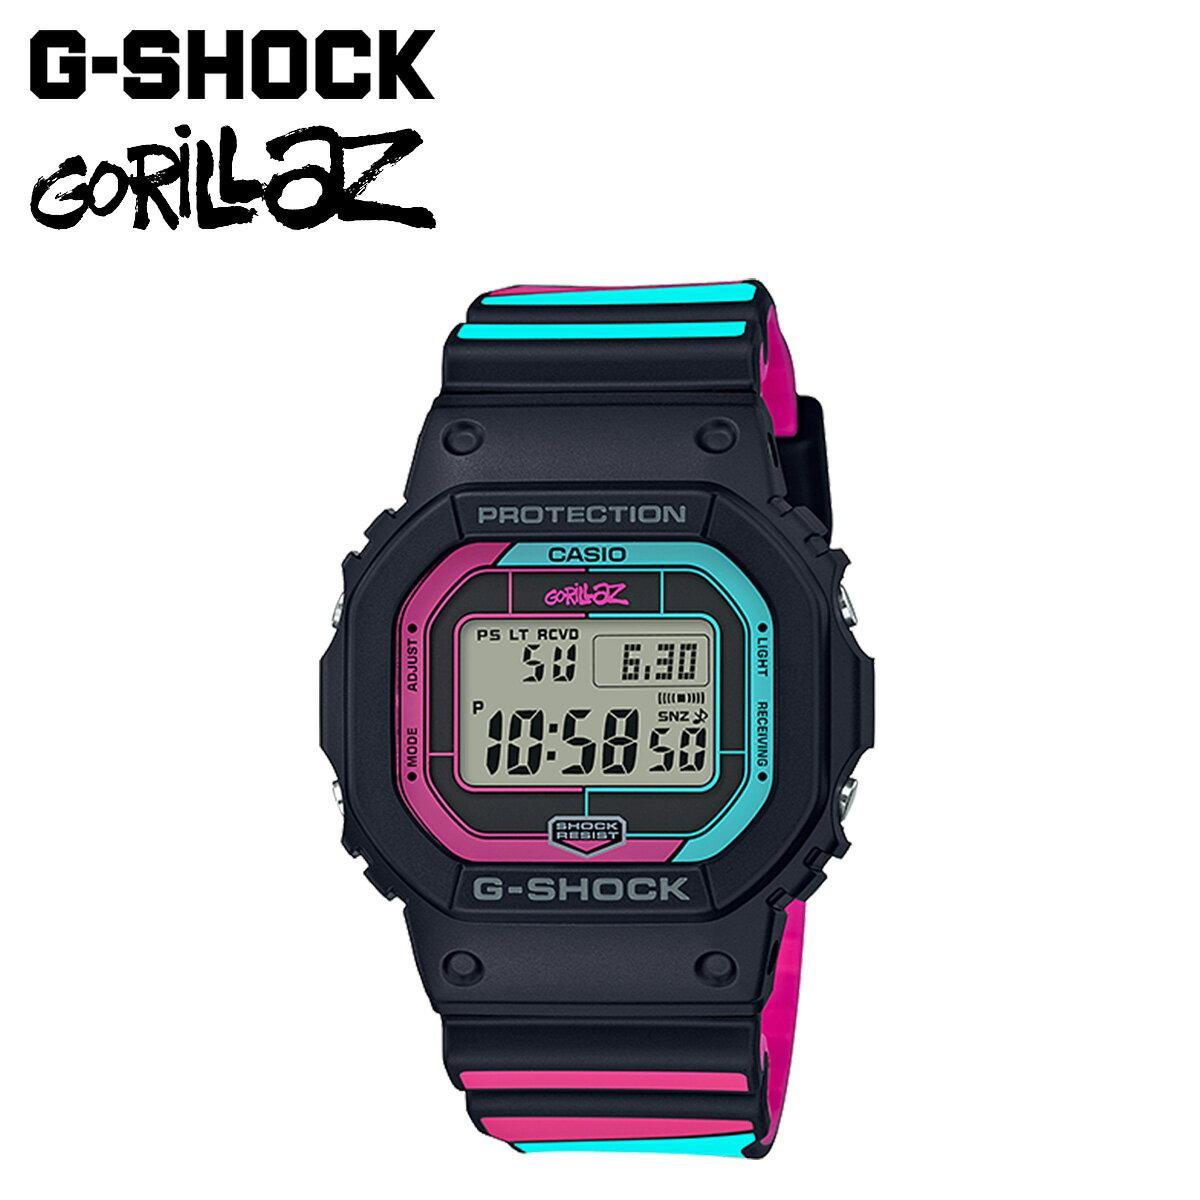 腕時計, 男女兼用腕時計  CASIO G-SHOCK Gorillaz GW-B5600GZ-1JR G G-